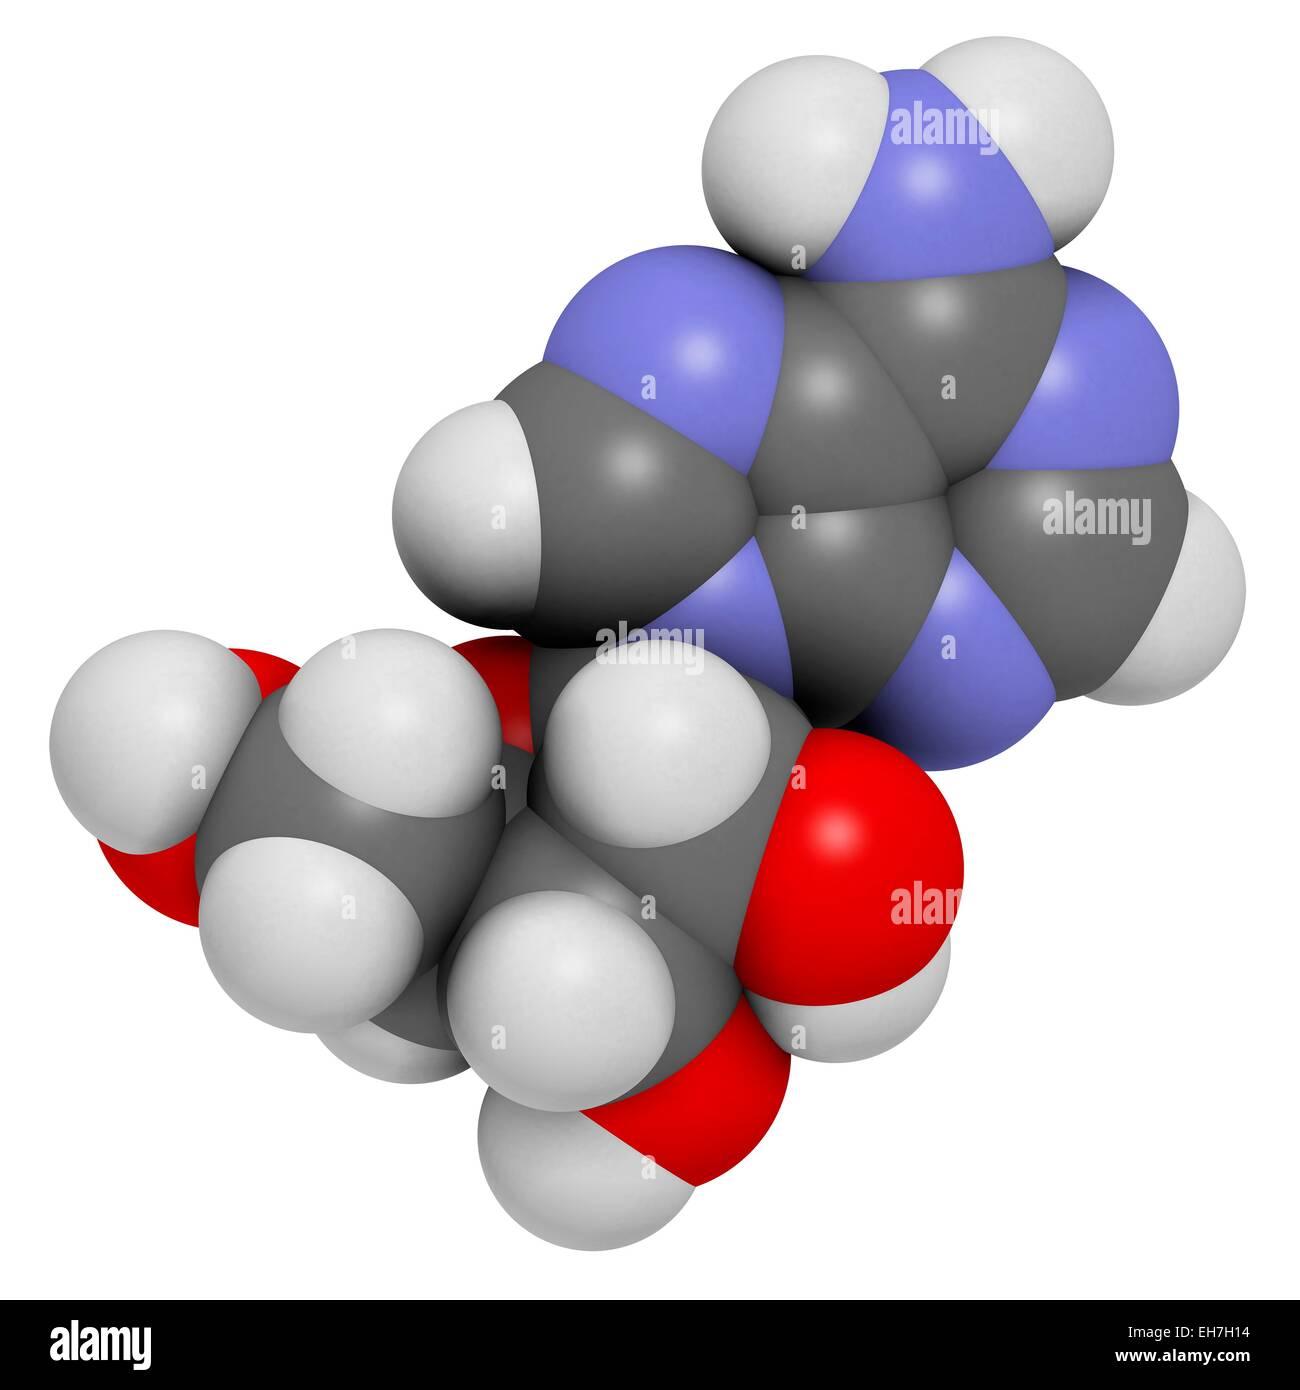 Adenosine purine nucleoside molecule - Stock Image